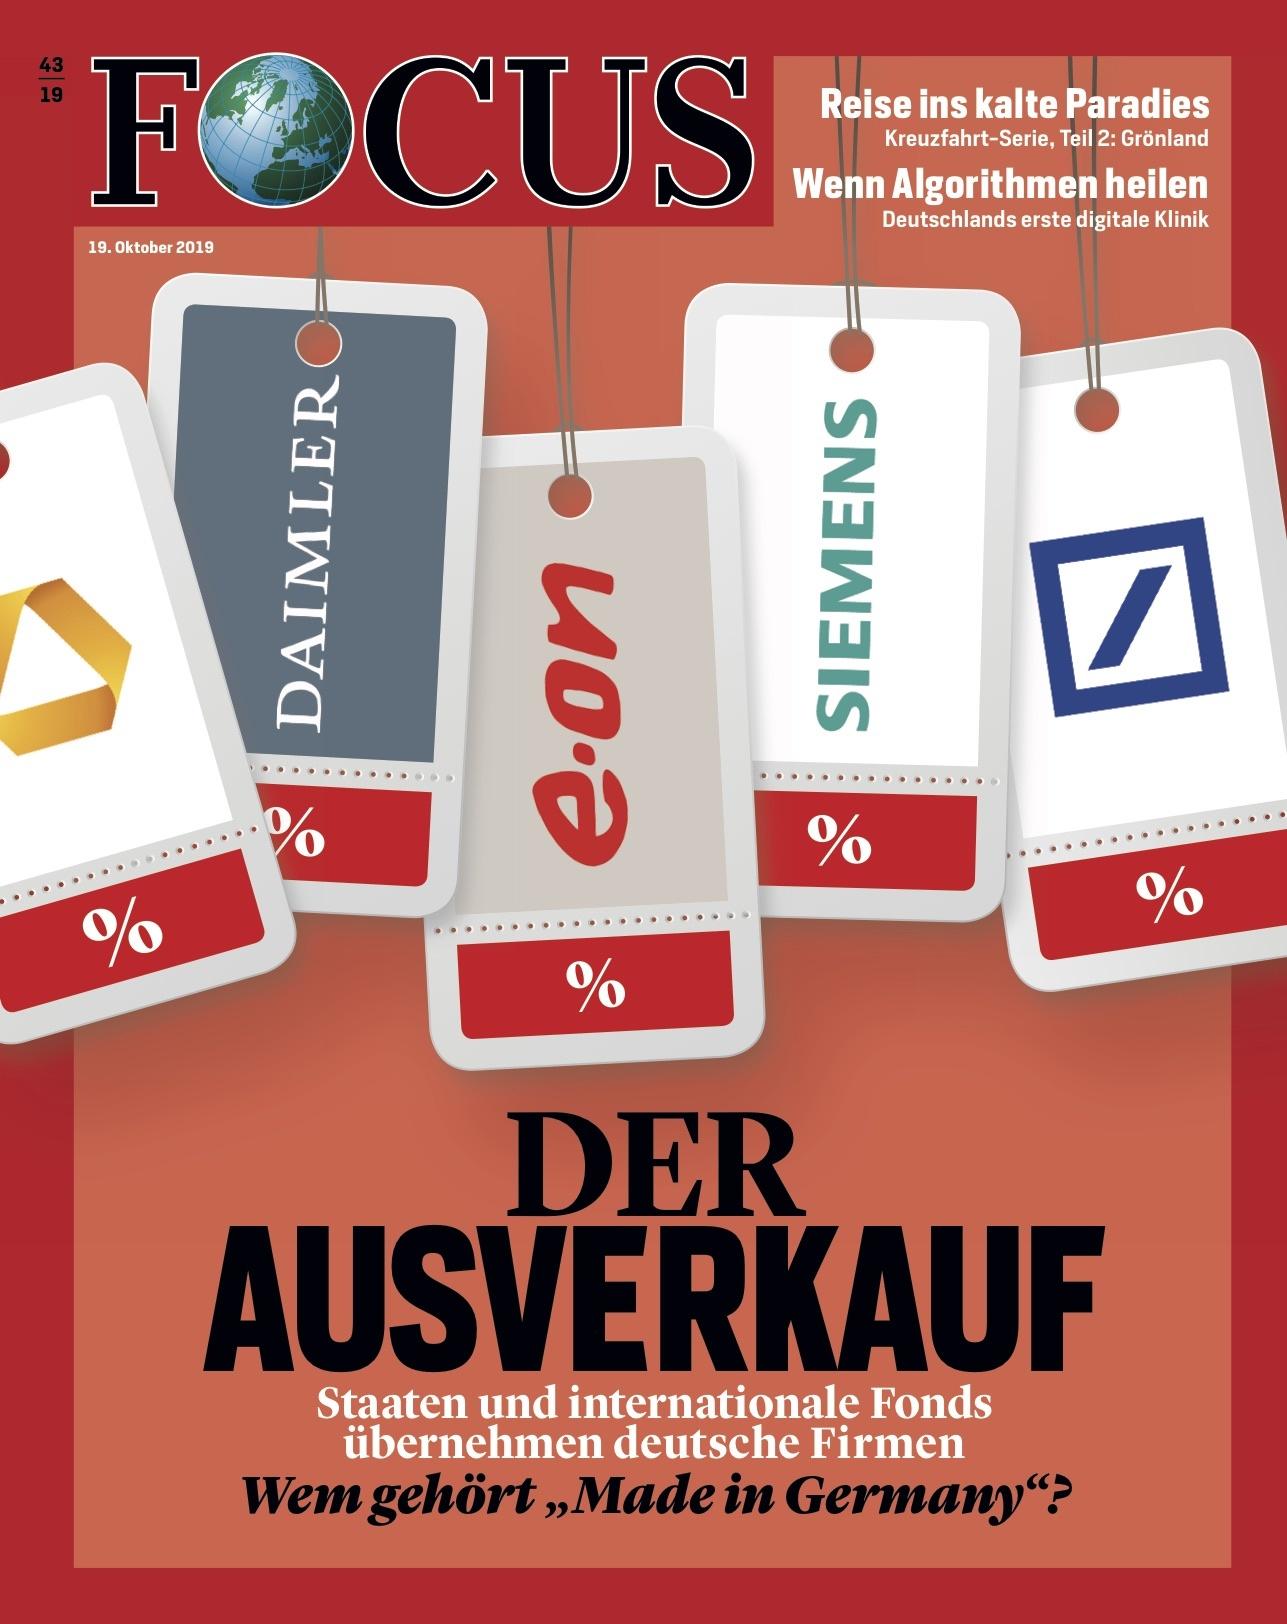 FOCUS Magazin FOCUS Magazin - Der Ausverkauf